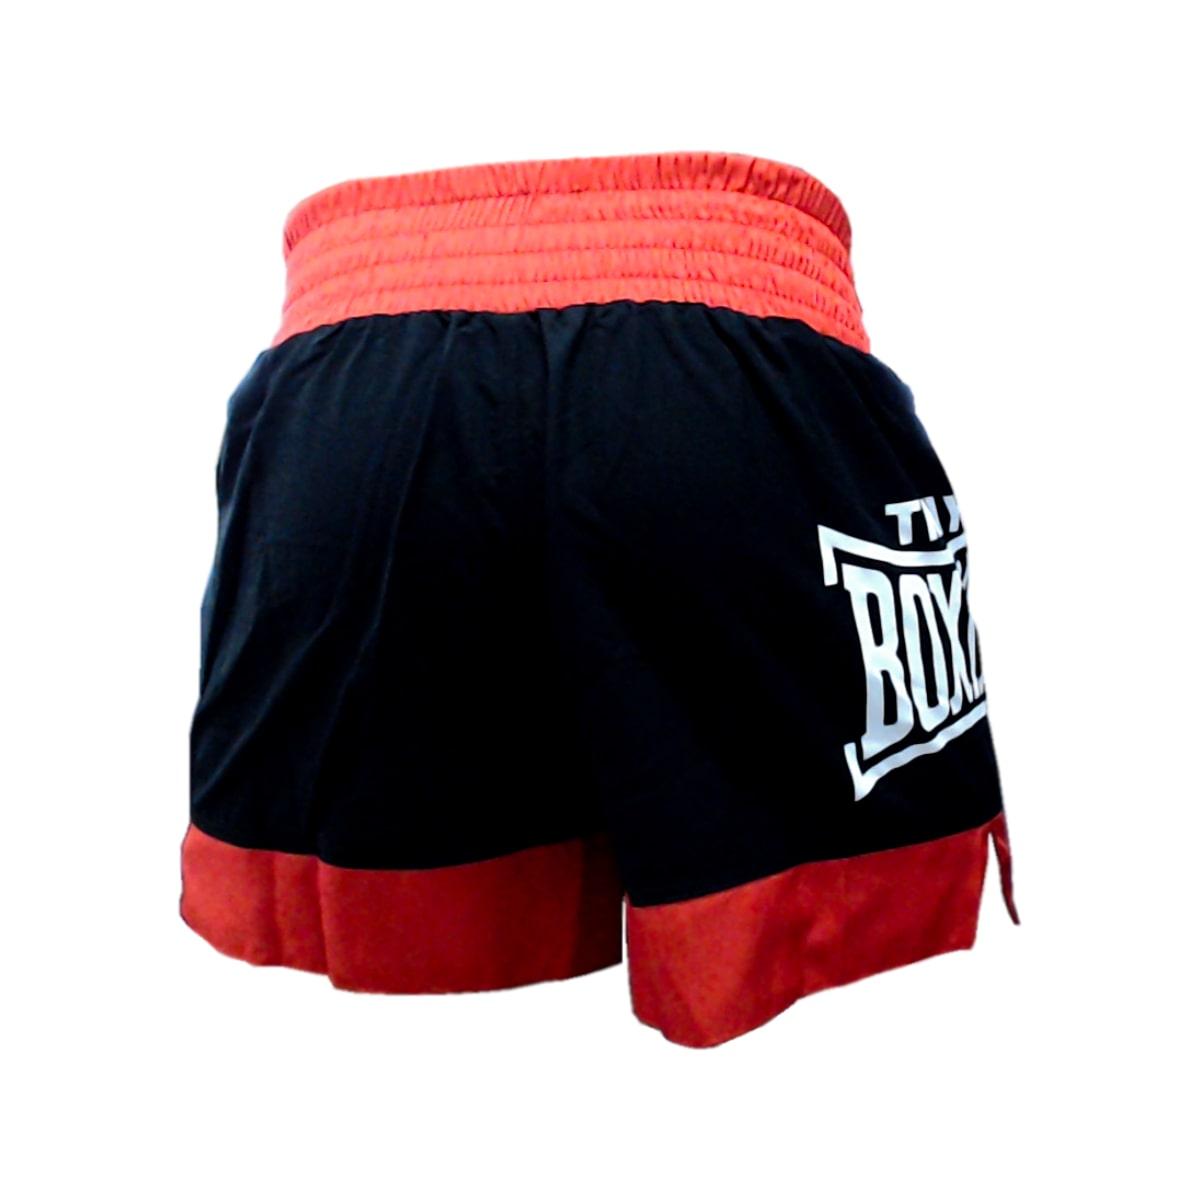 Short Rudel Thai Boxing MF - Vermelho